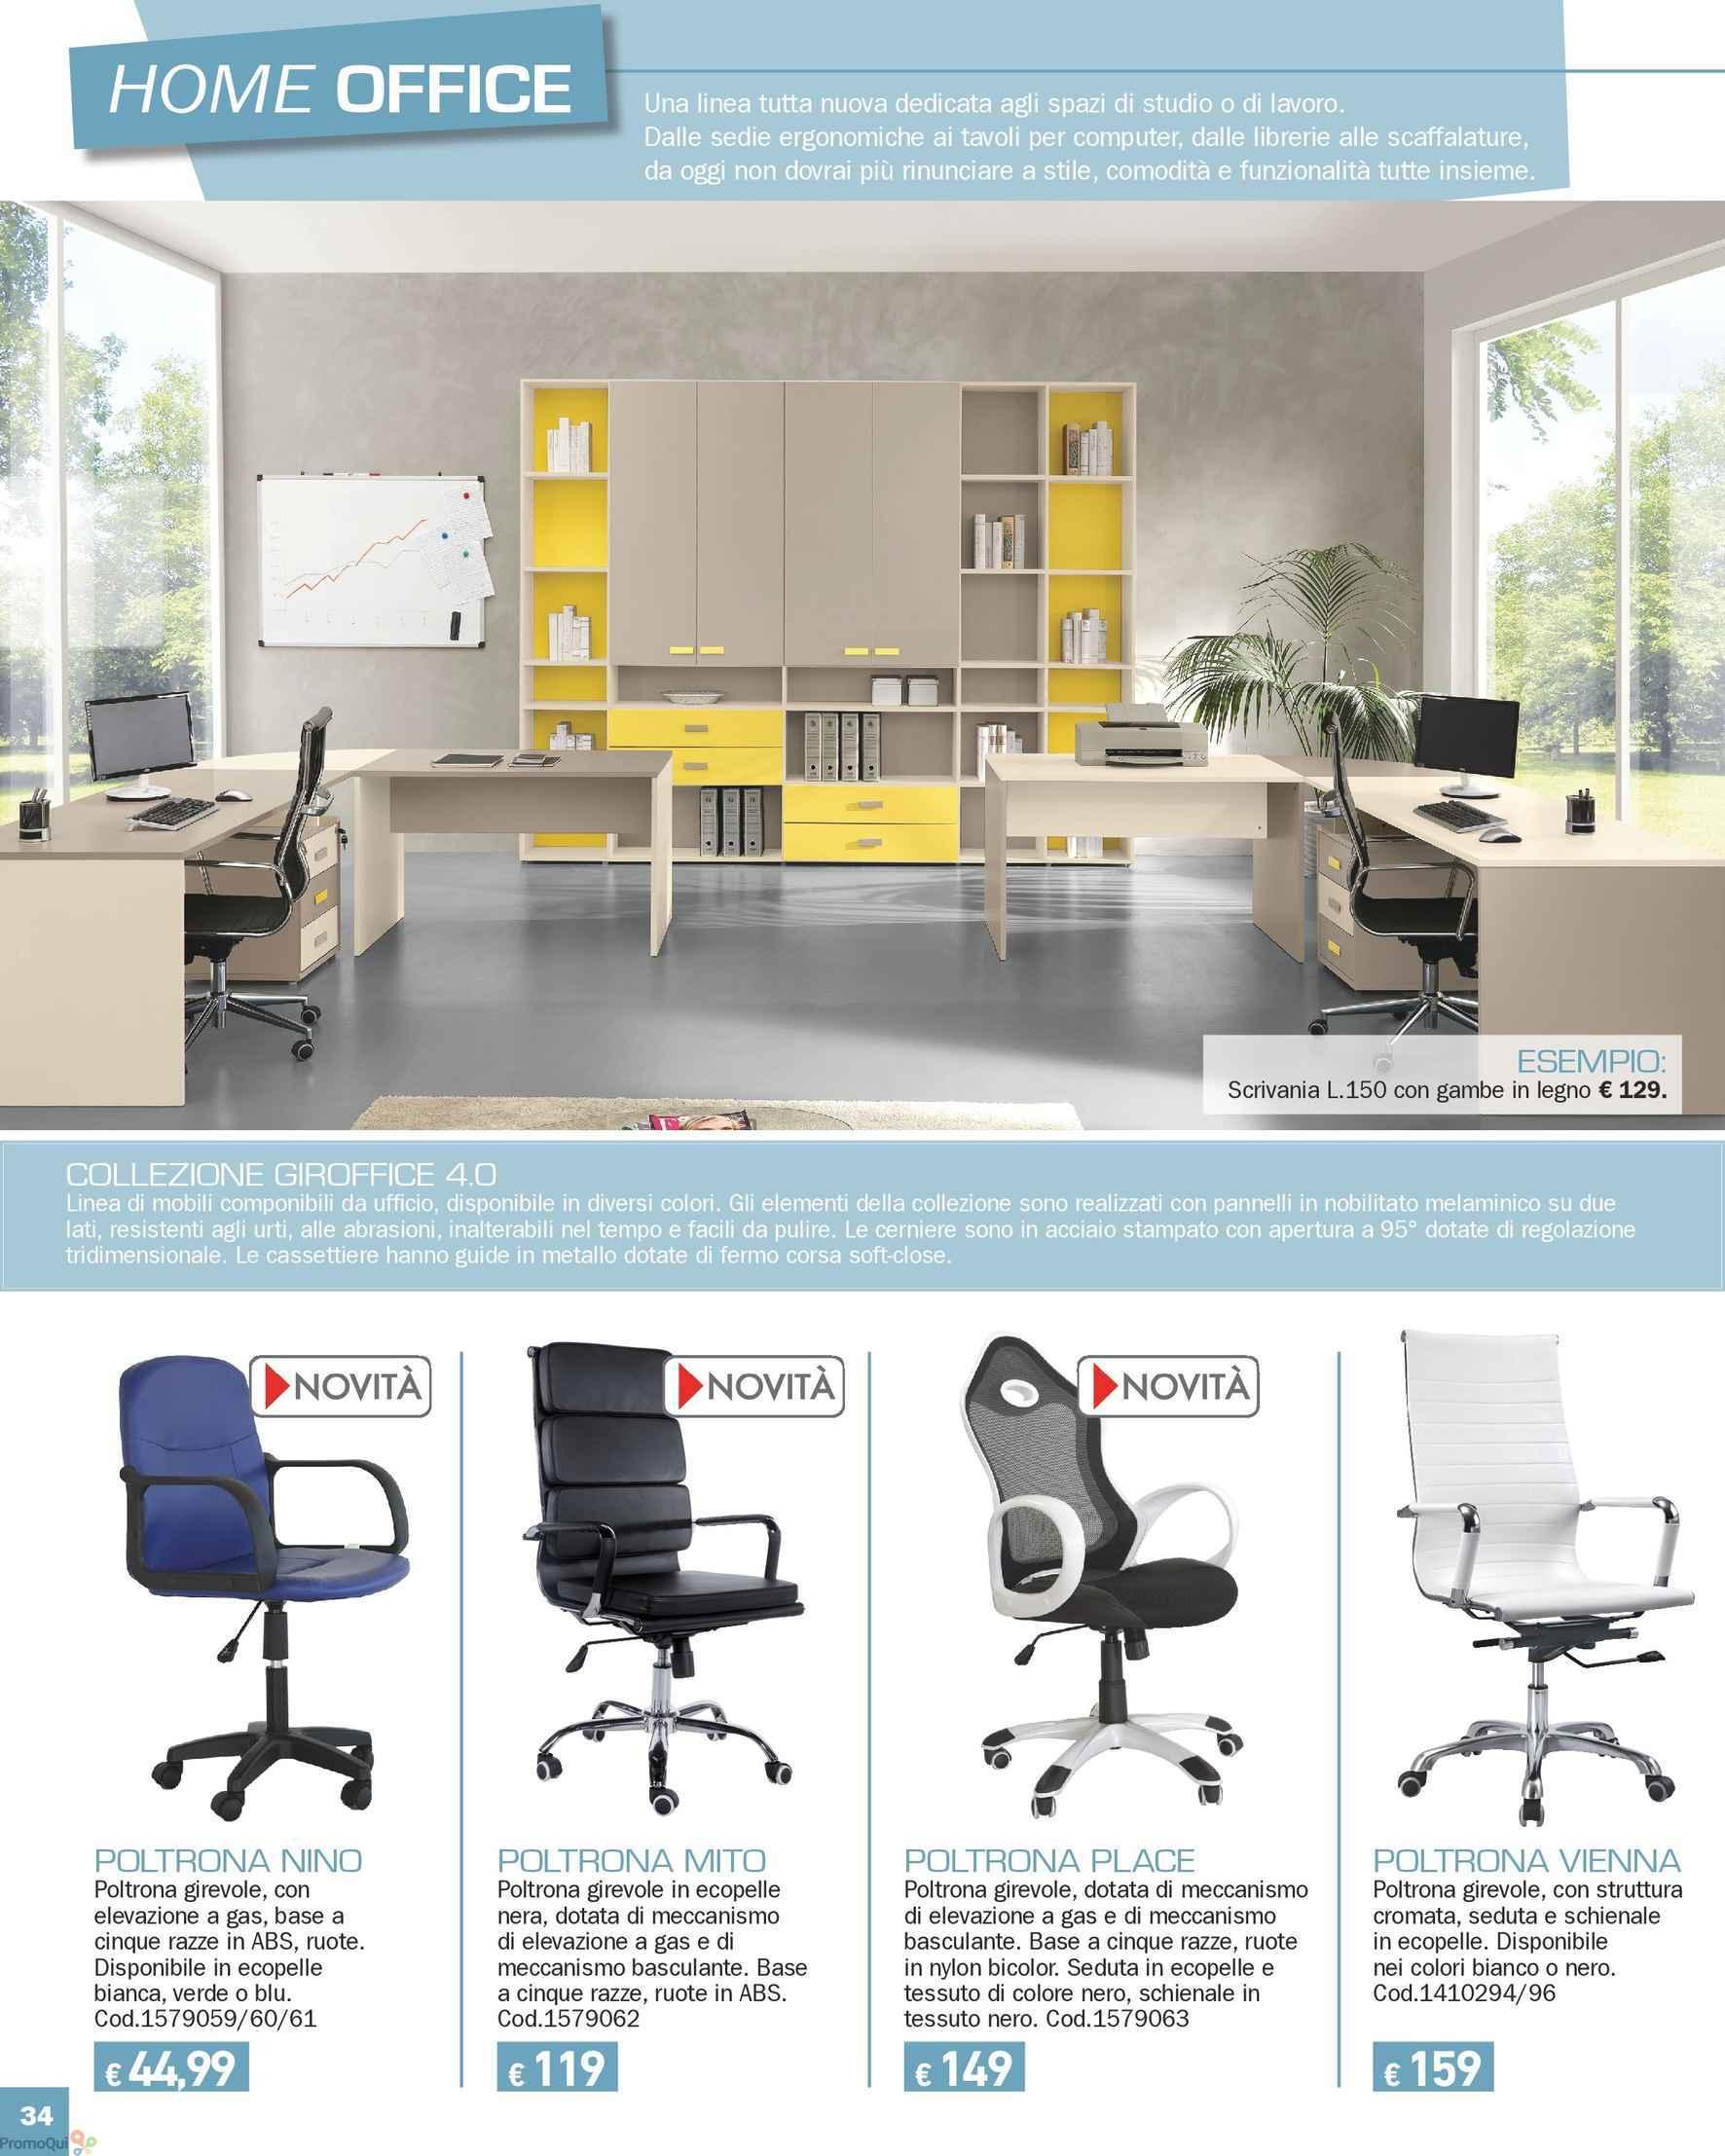 Mercatone uno scrivania cool mobili da cucina mercatone - Mobile lavello cucina mercatone uno ...